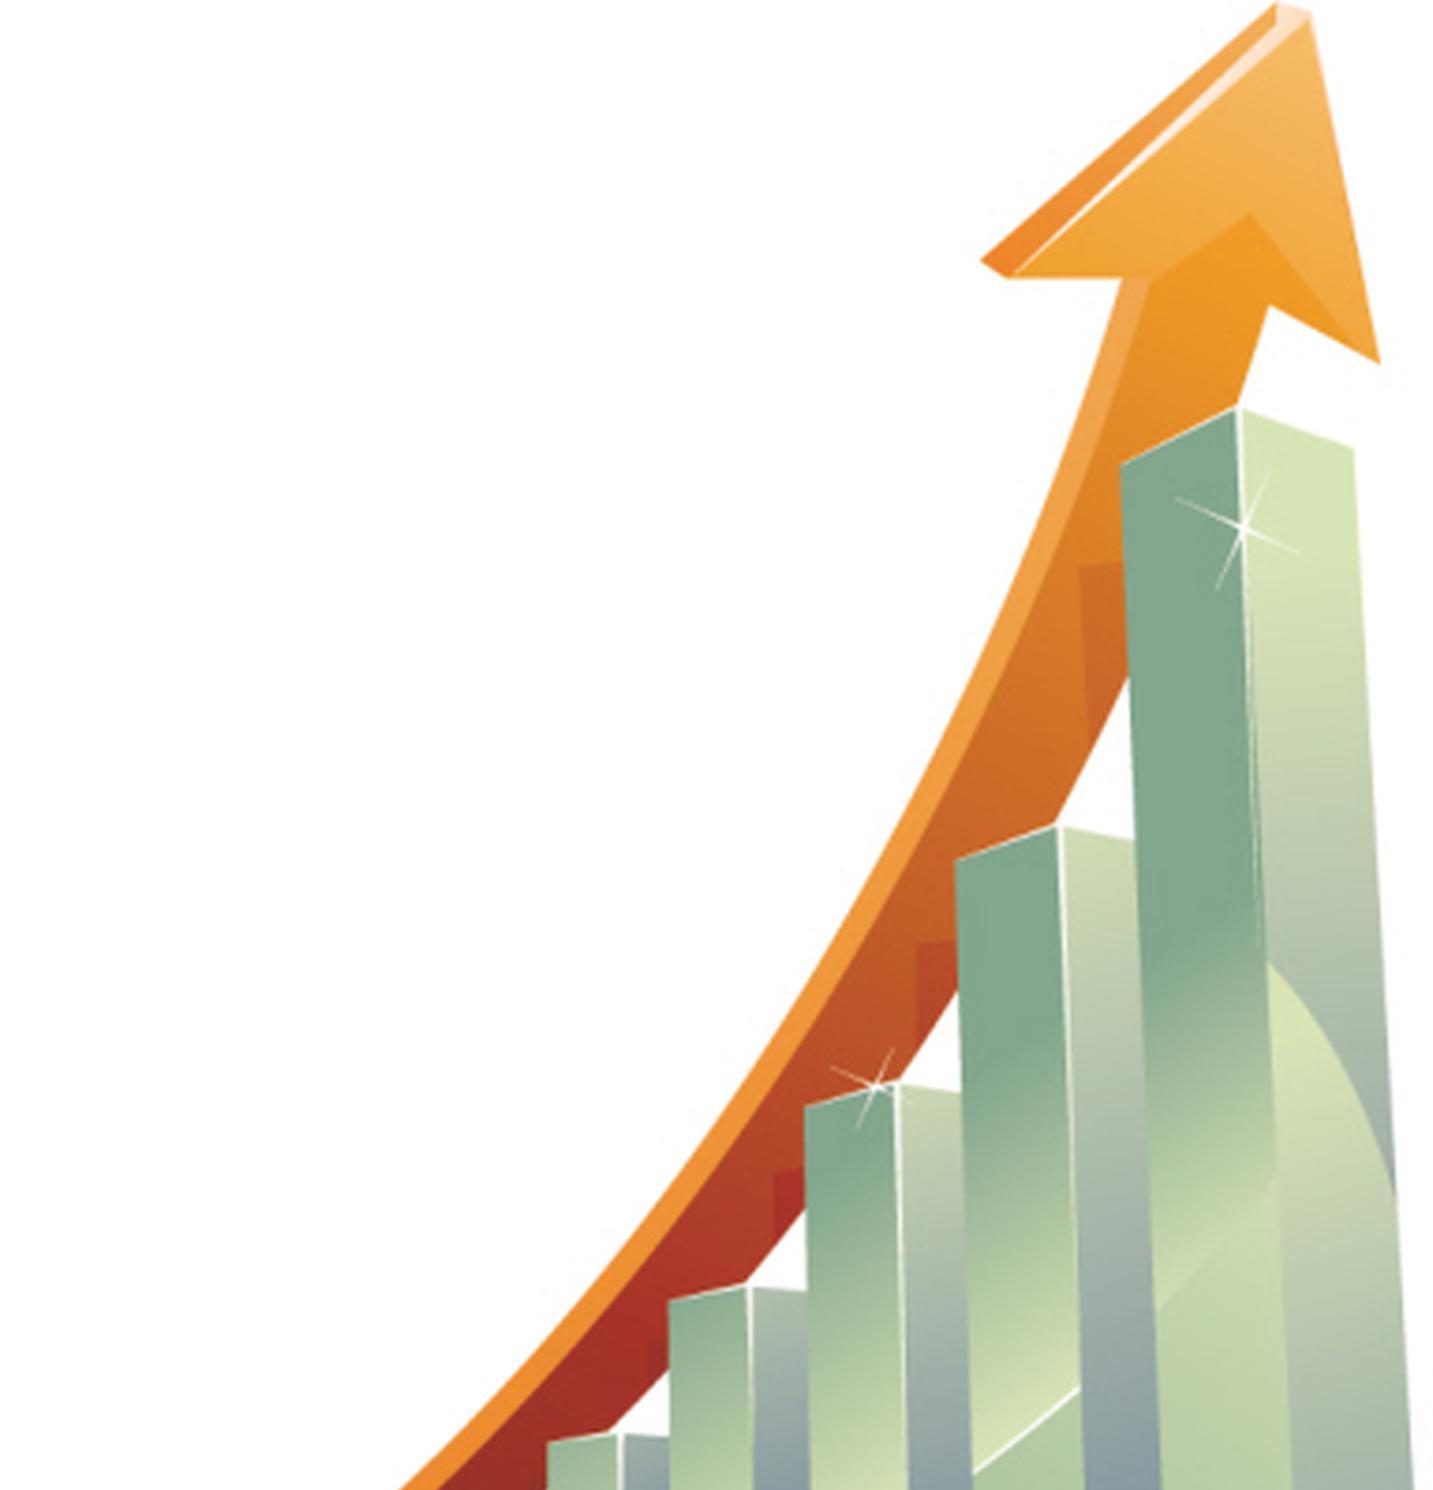 2019年大连上半年GDP增长6.7%